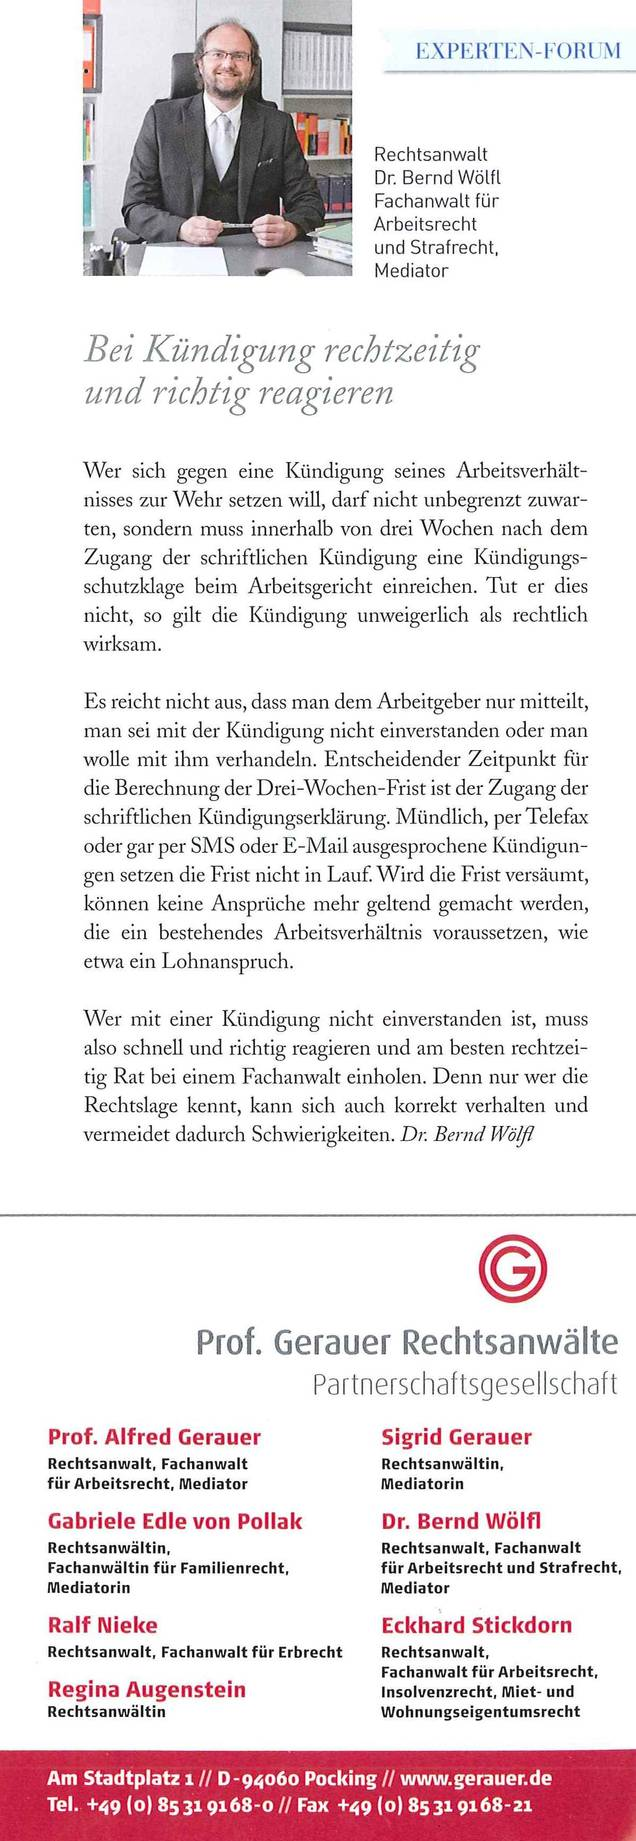 Rechtsanwalt Dr Bernd Wölfl Kündigung Von Arbeitsverhältnissen